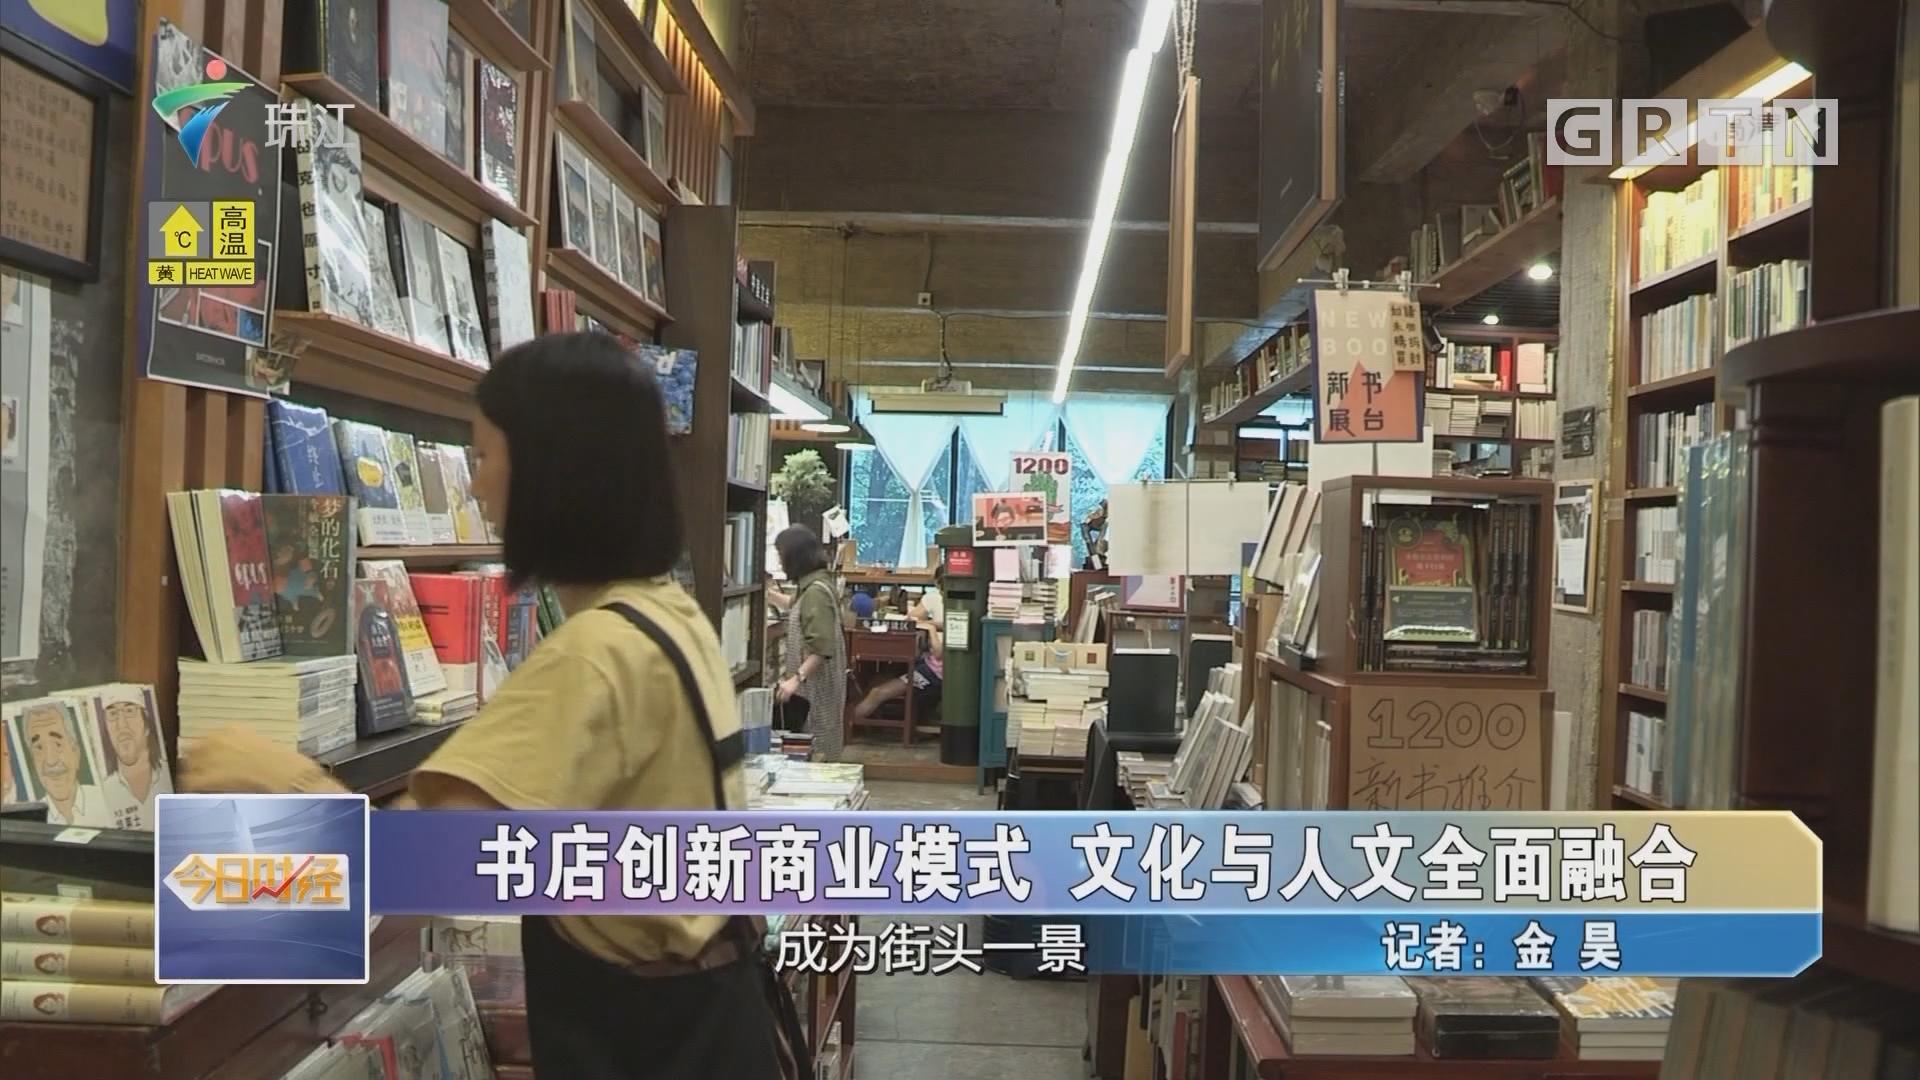 书店创新商业模式 文化与人文全面融合